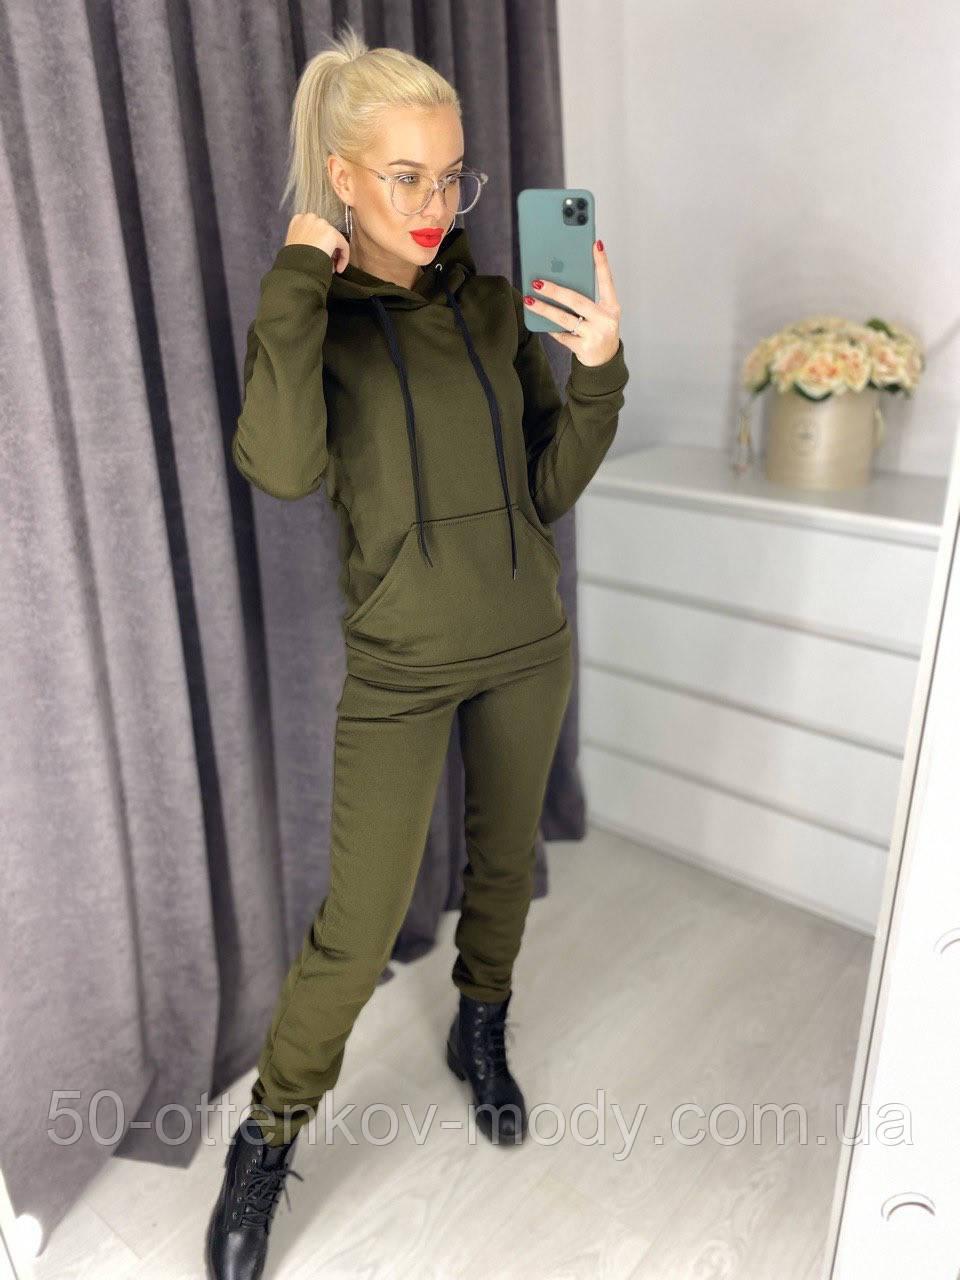 Женский спортивный костюм с начесом (40-46), кофта с капюшоном и карманами + штаны